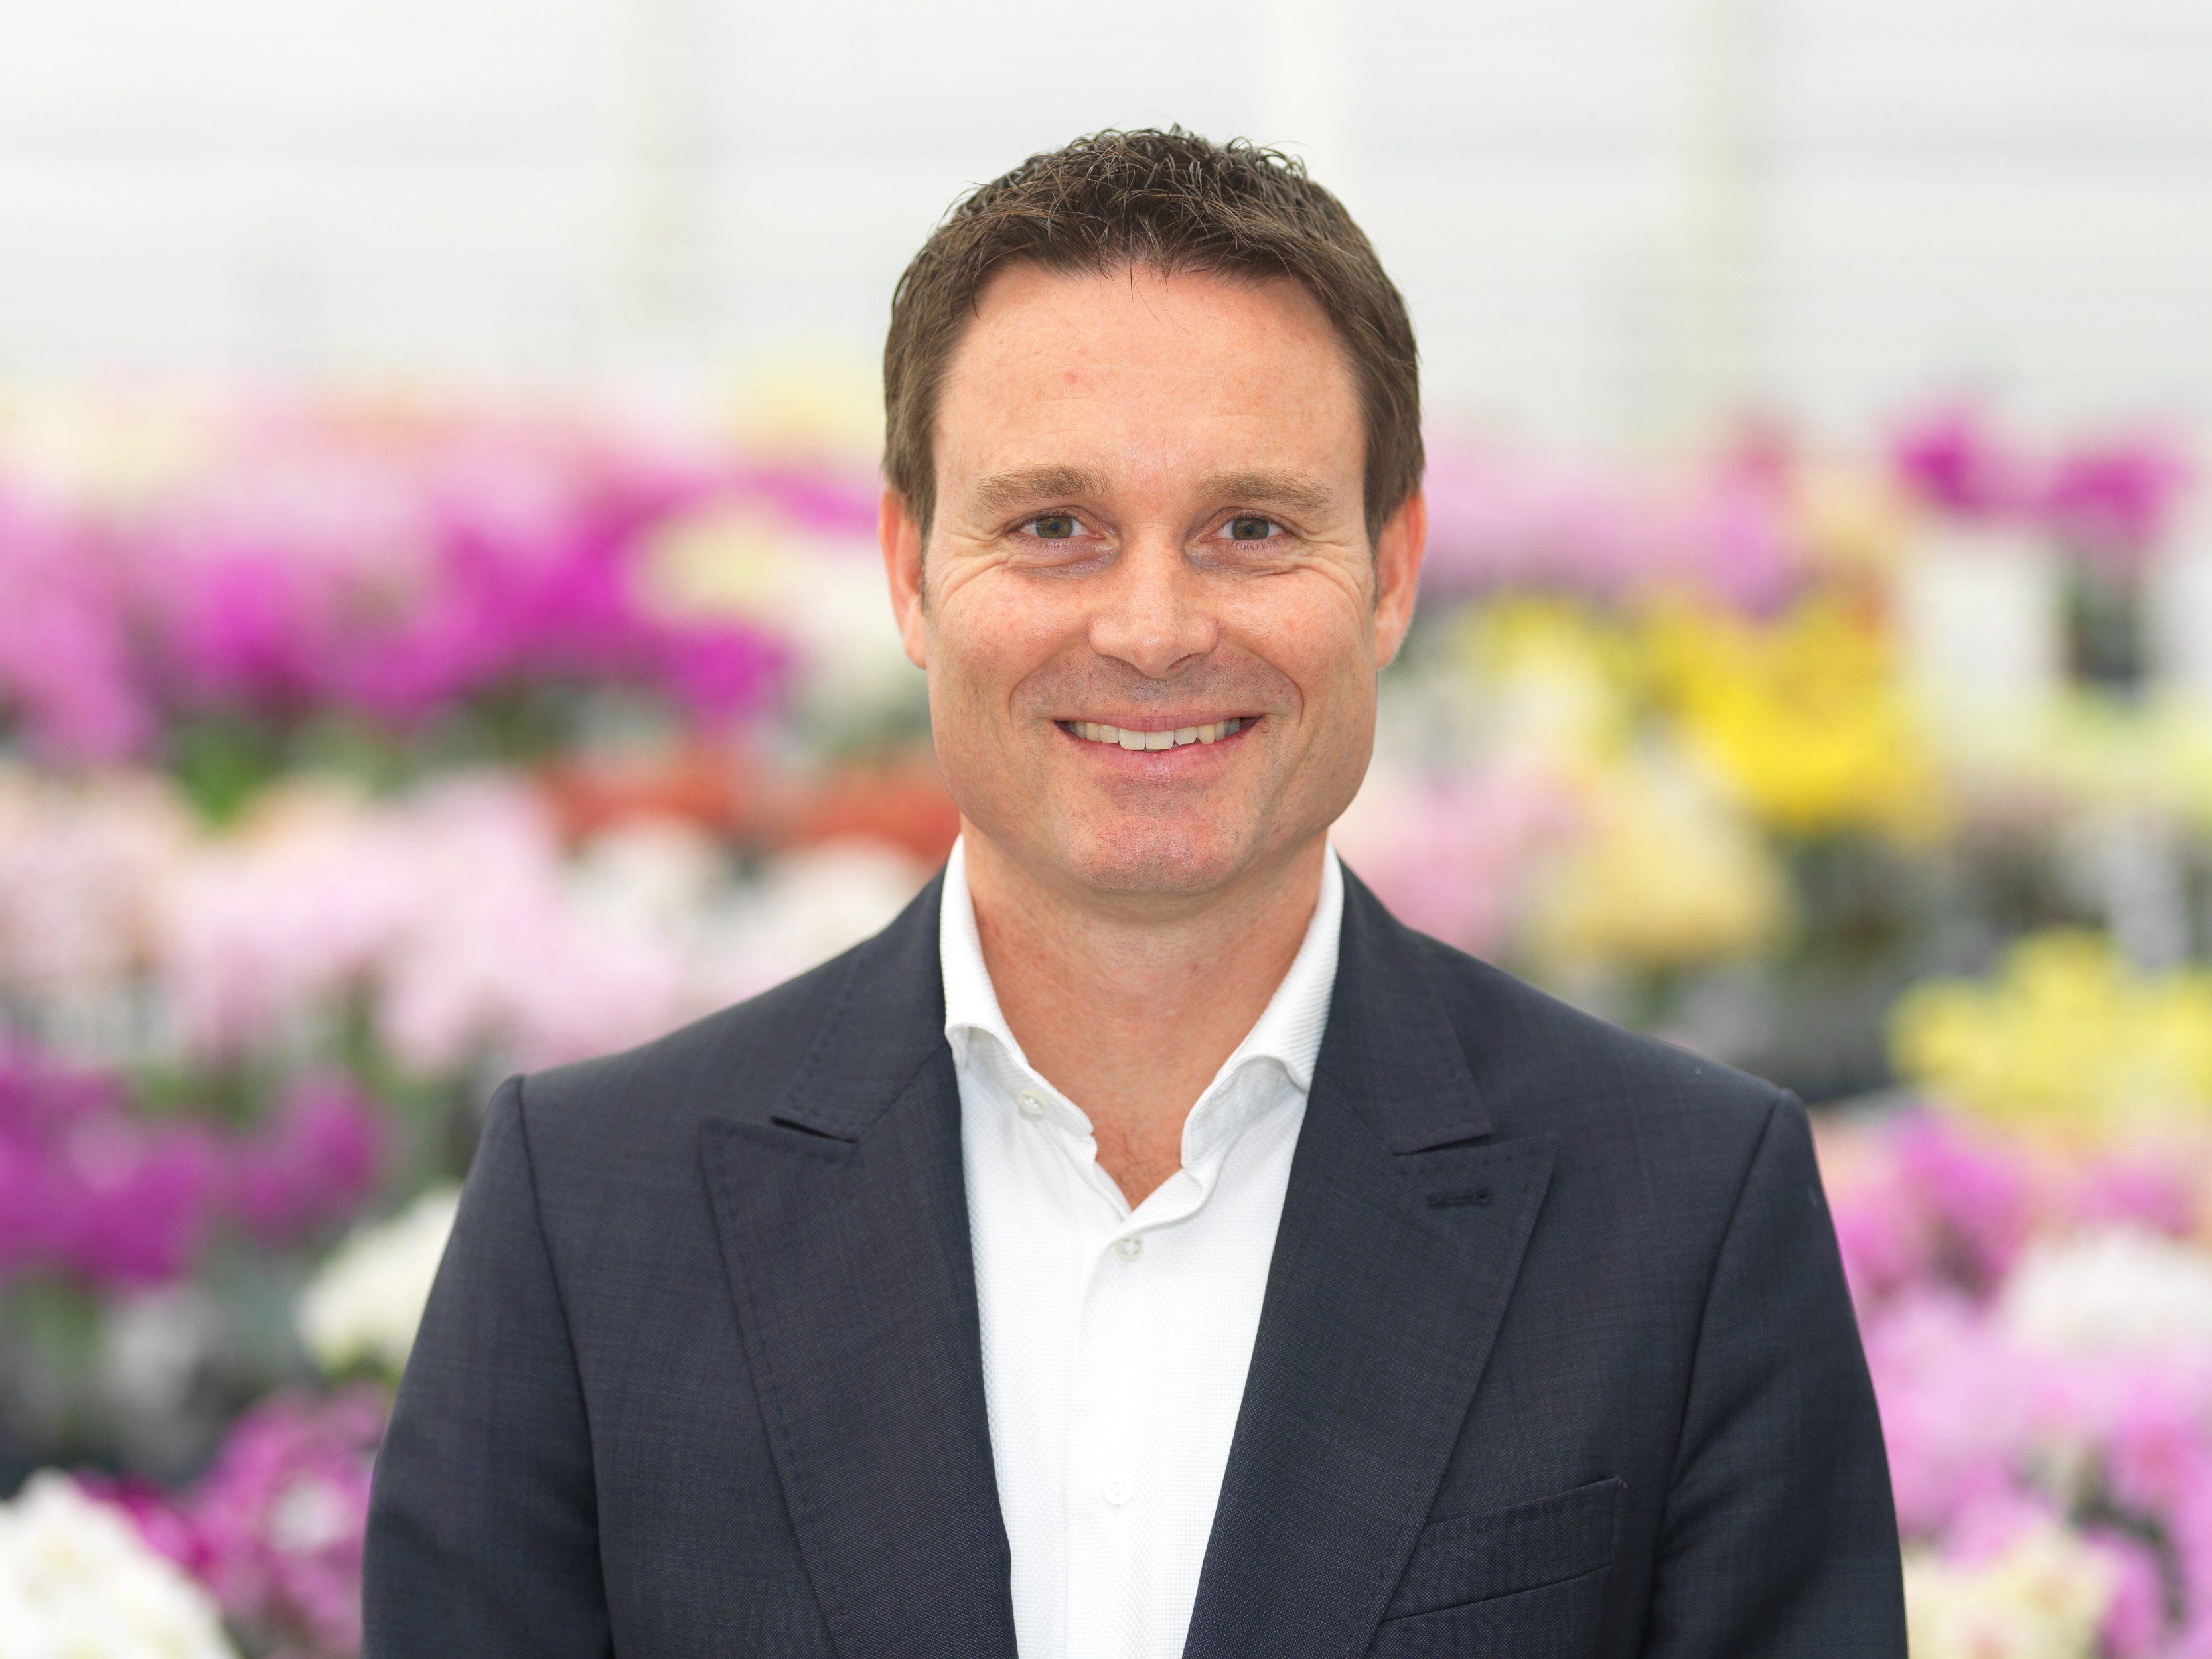 Marco van Herk, Commercial Director